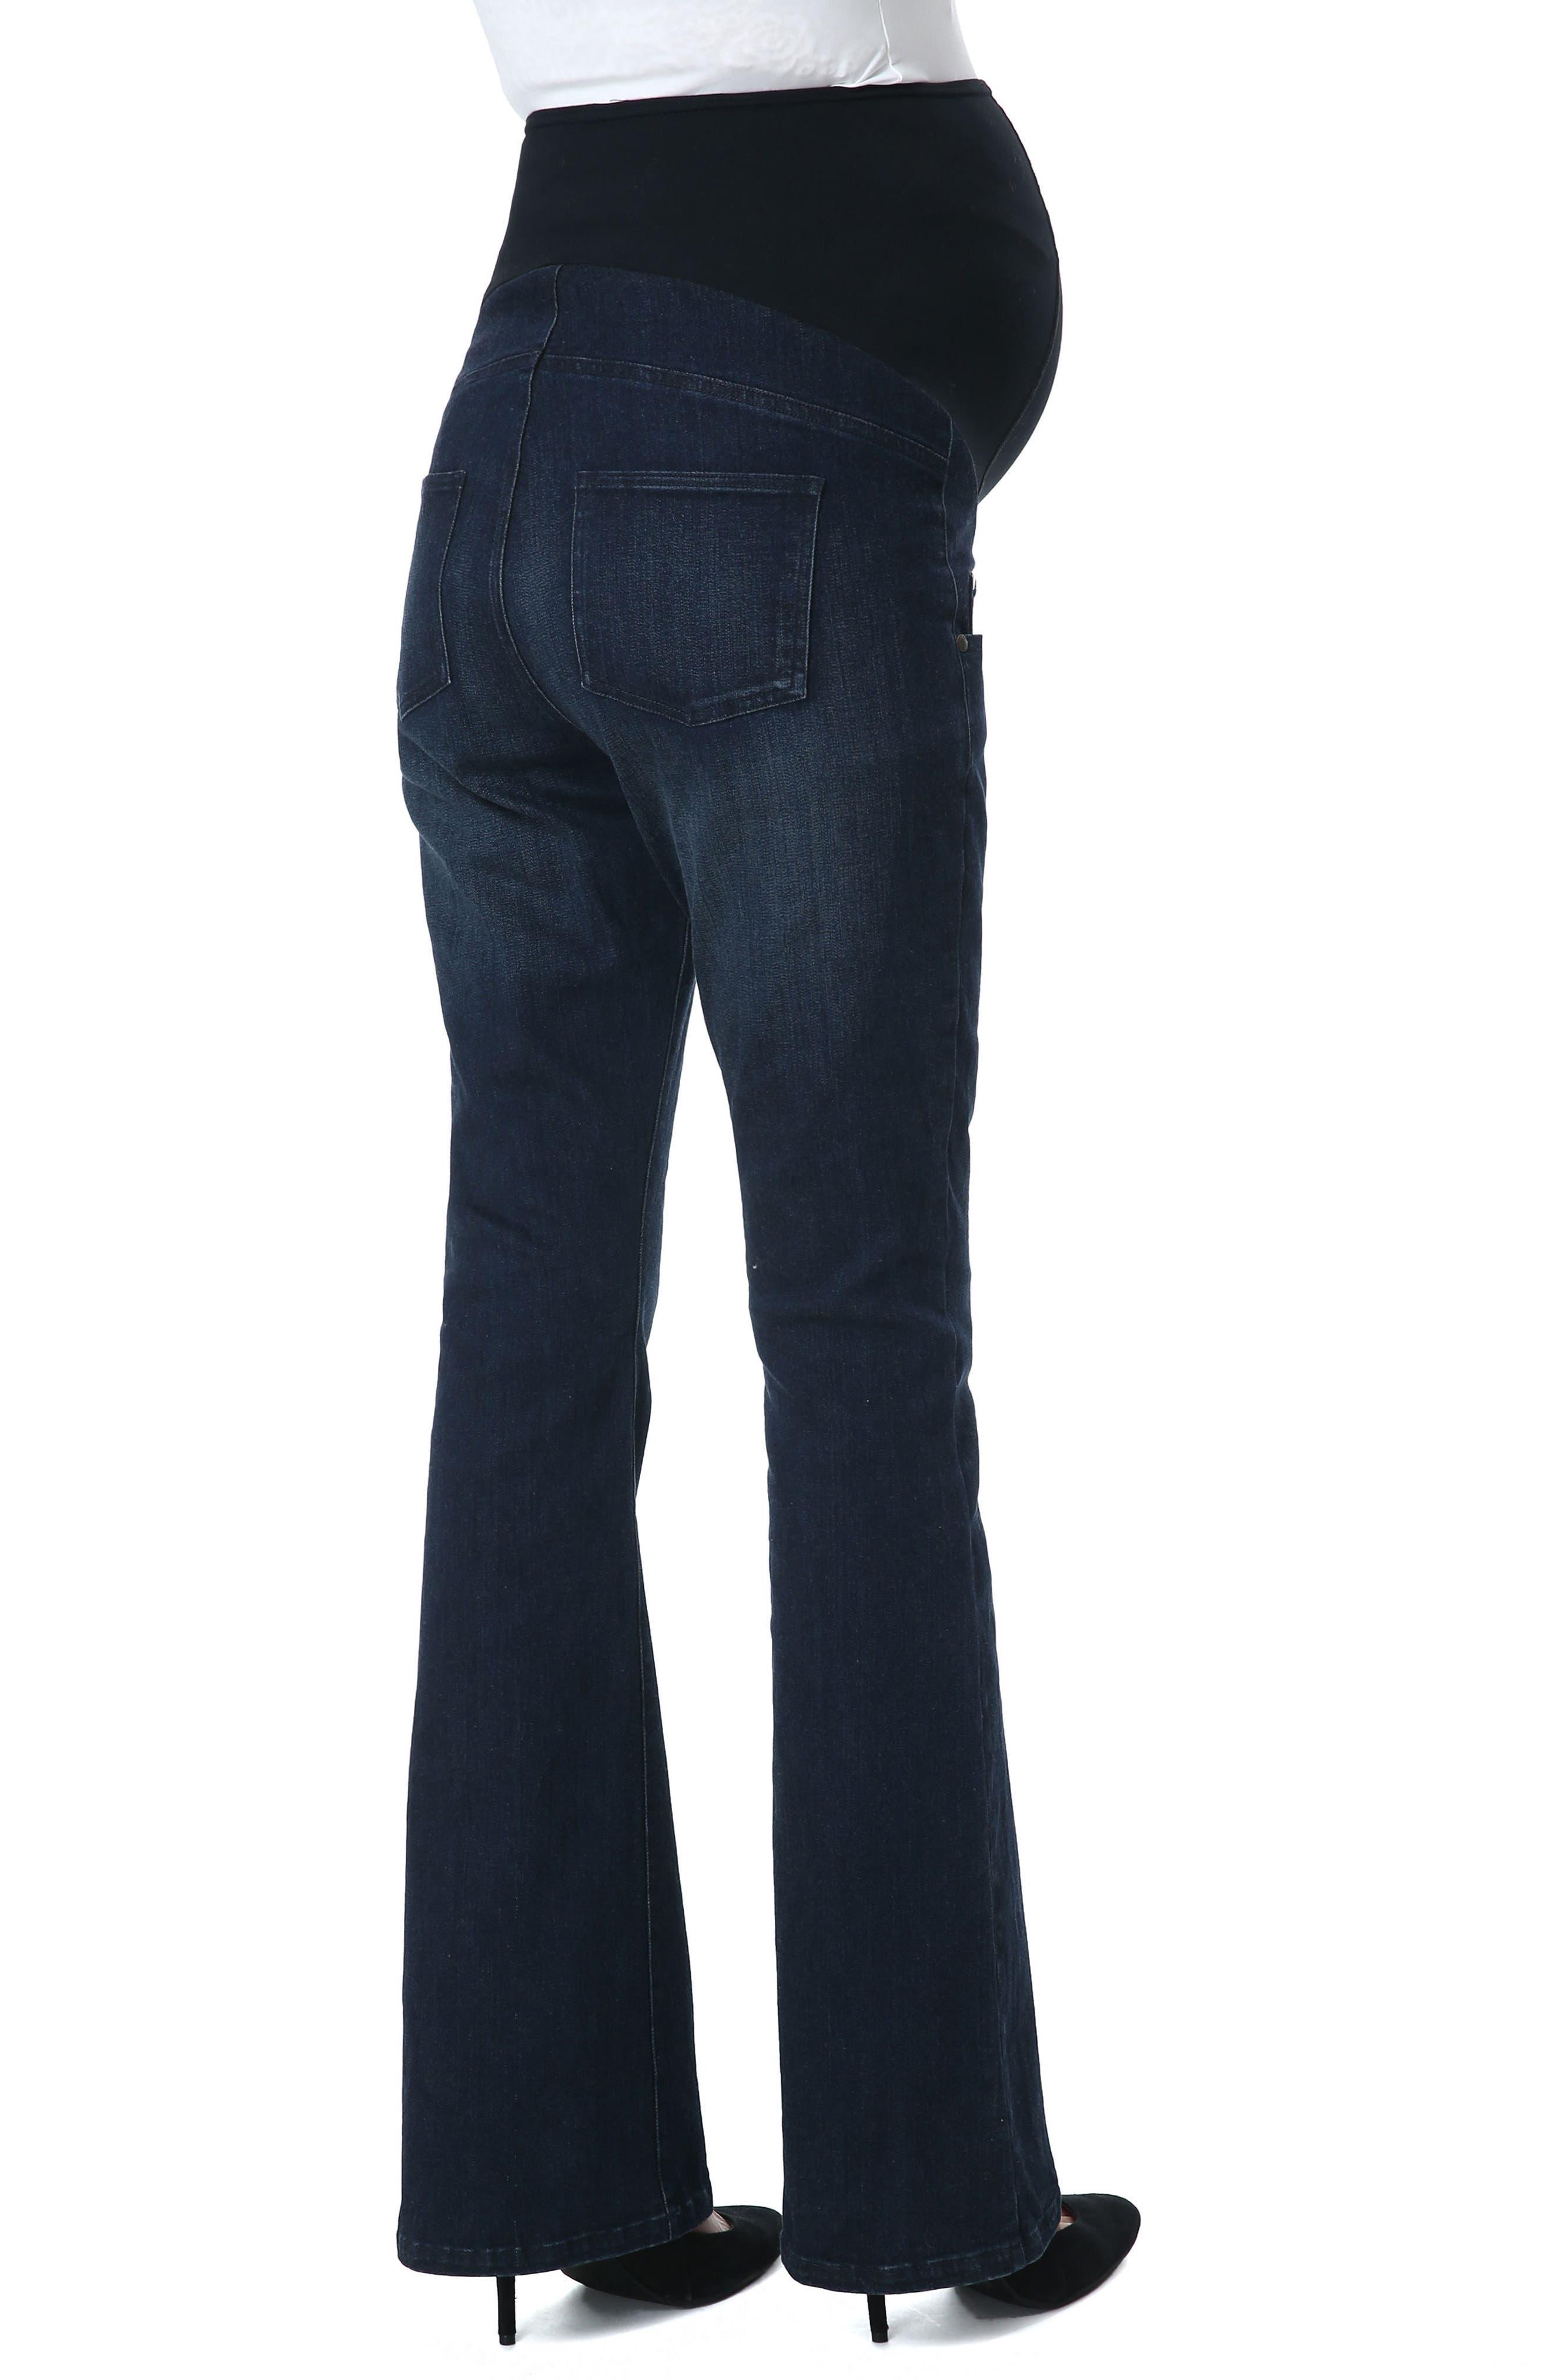 Leni Maternity Bootcut Jeans,                             Alternate thumbnail 2, color,                             Black/ Blue